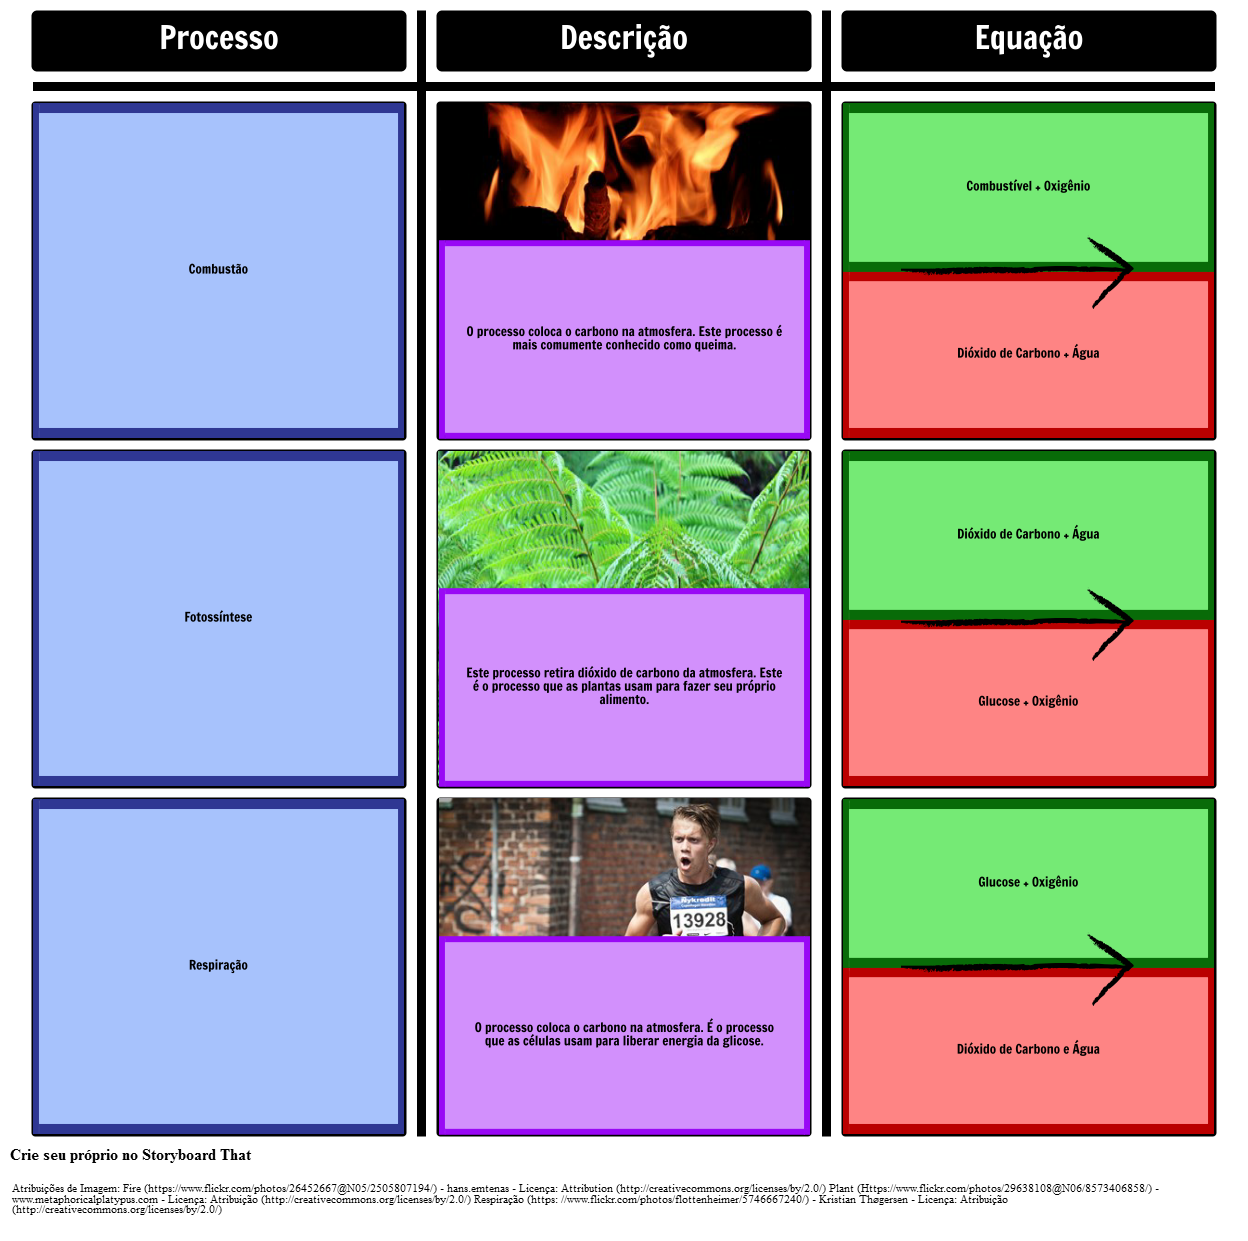 Processos no Ciclo de Carbono